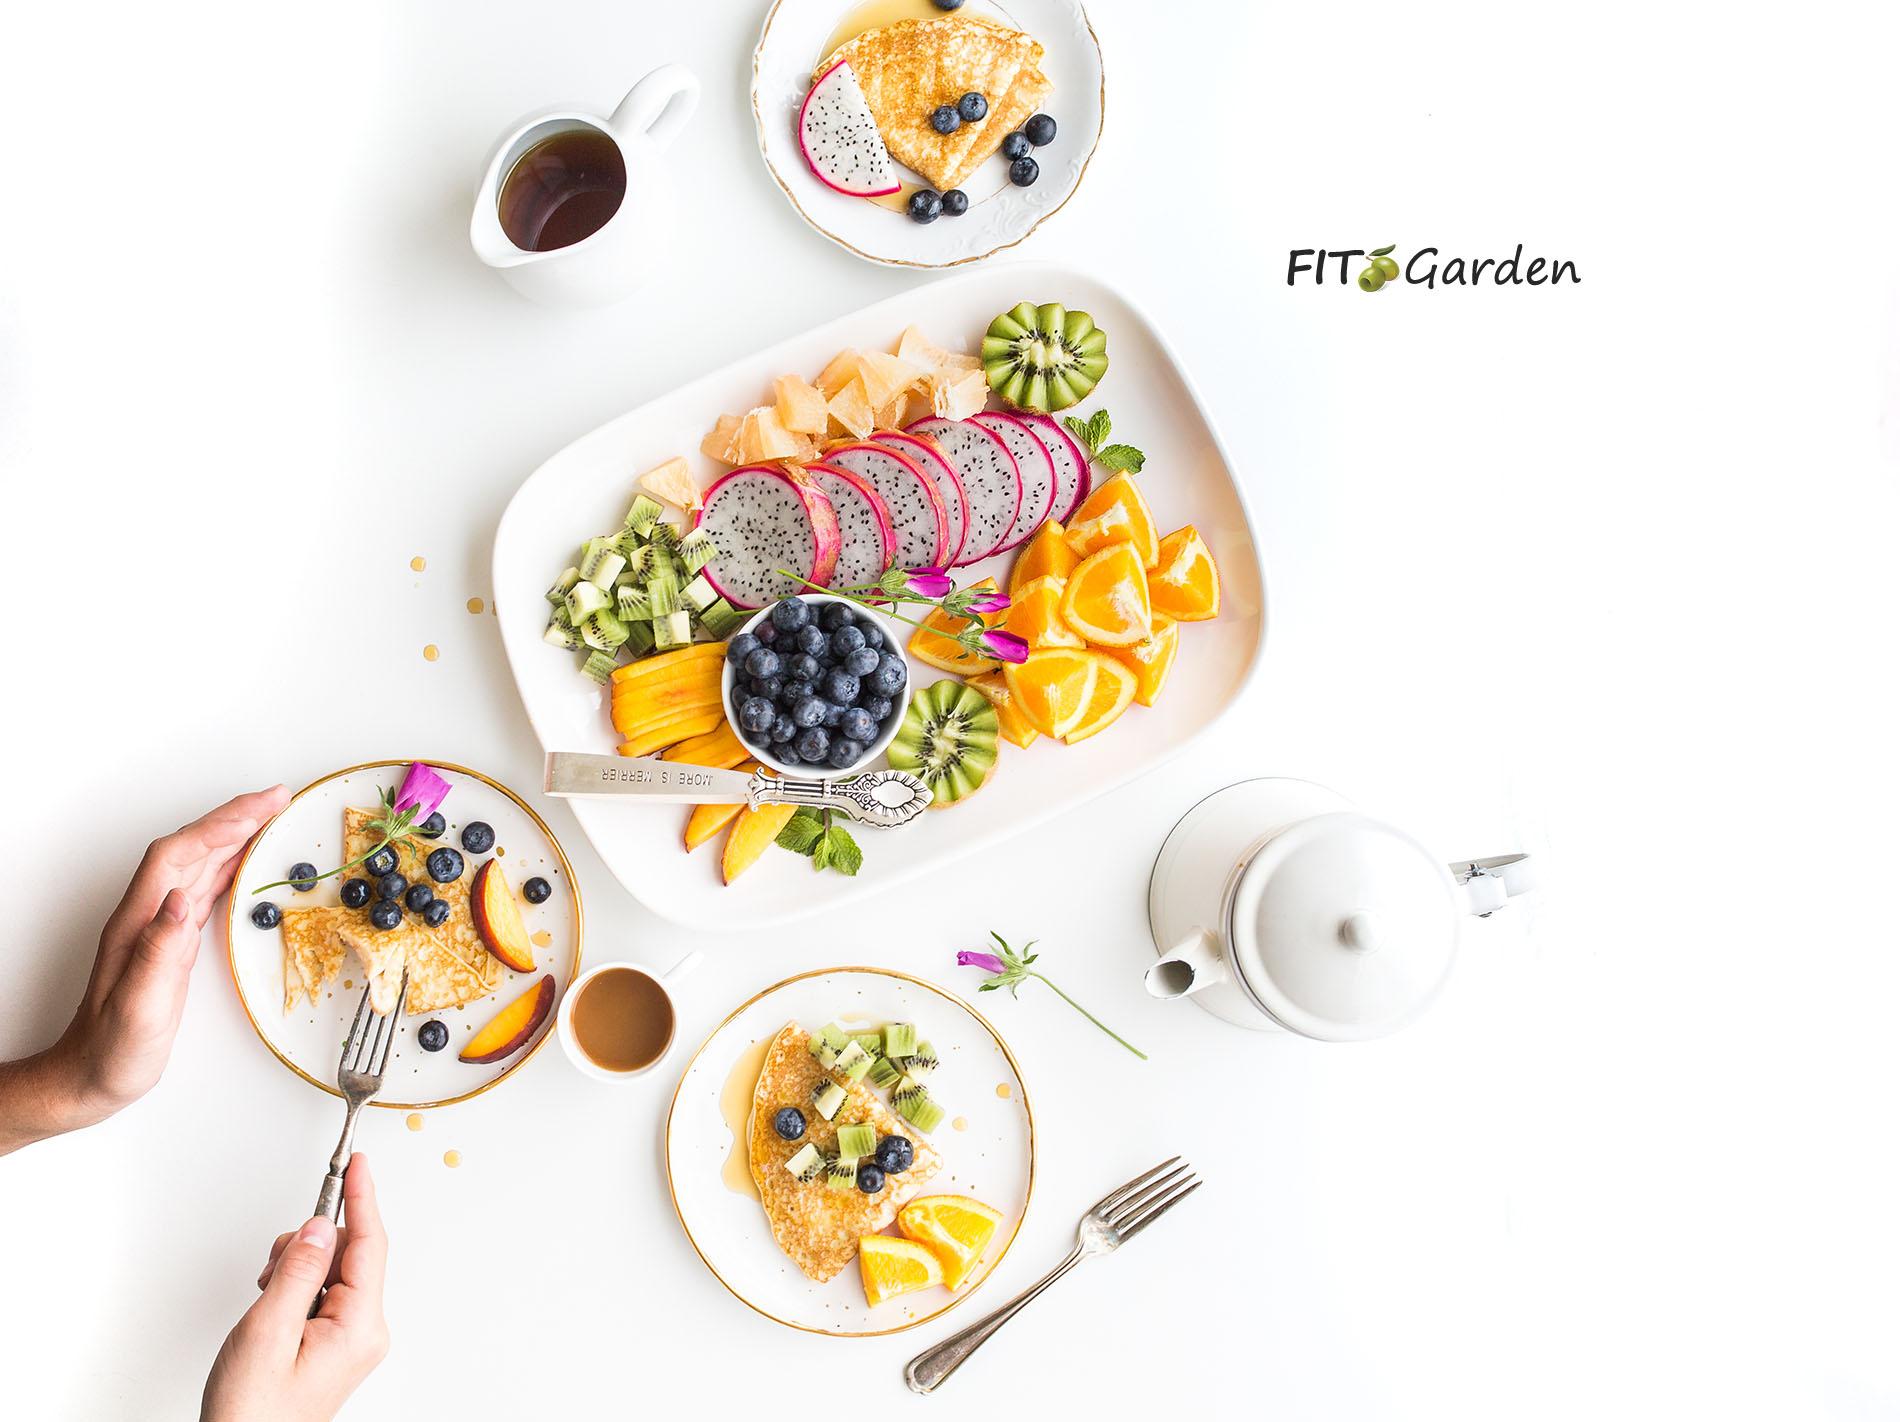 fit garden